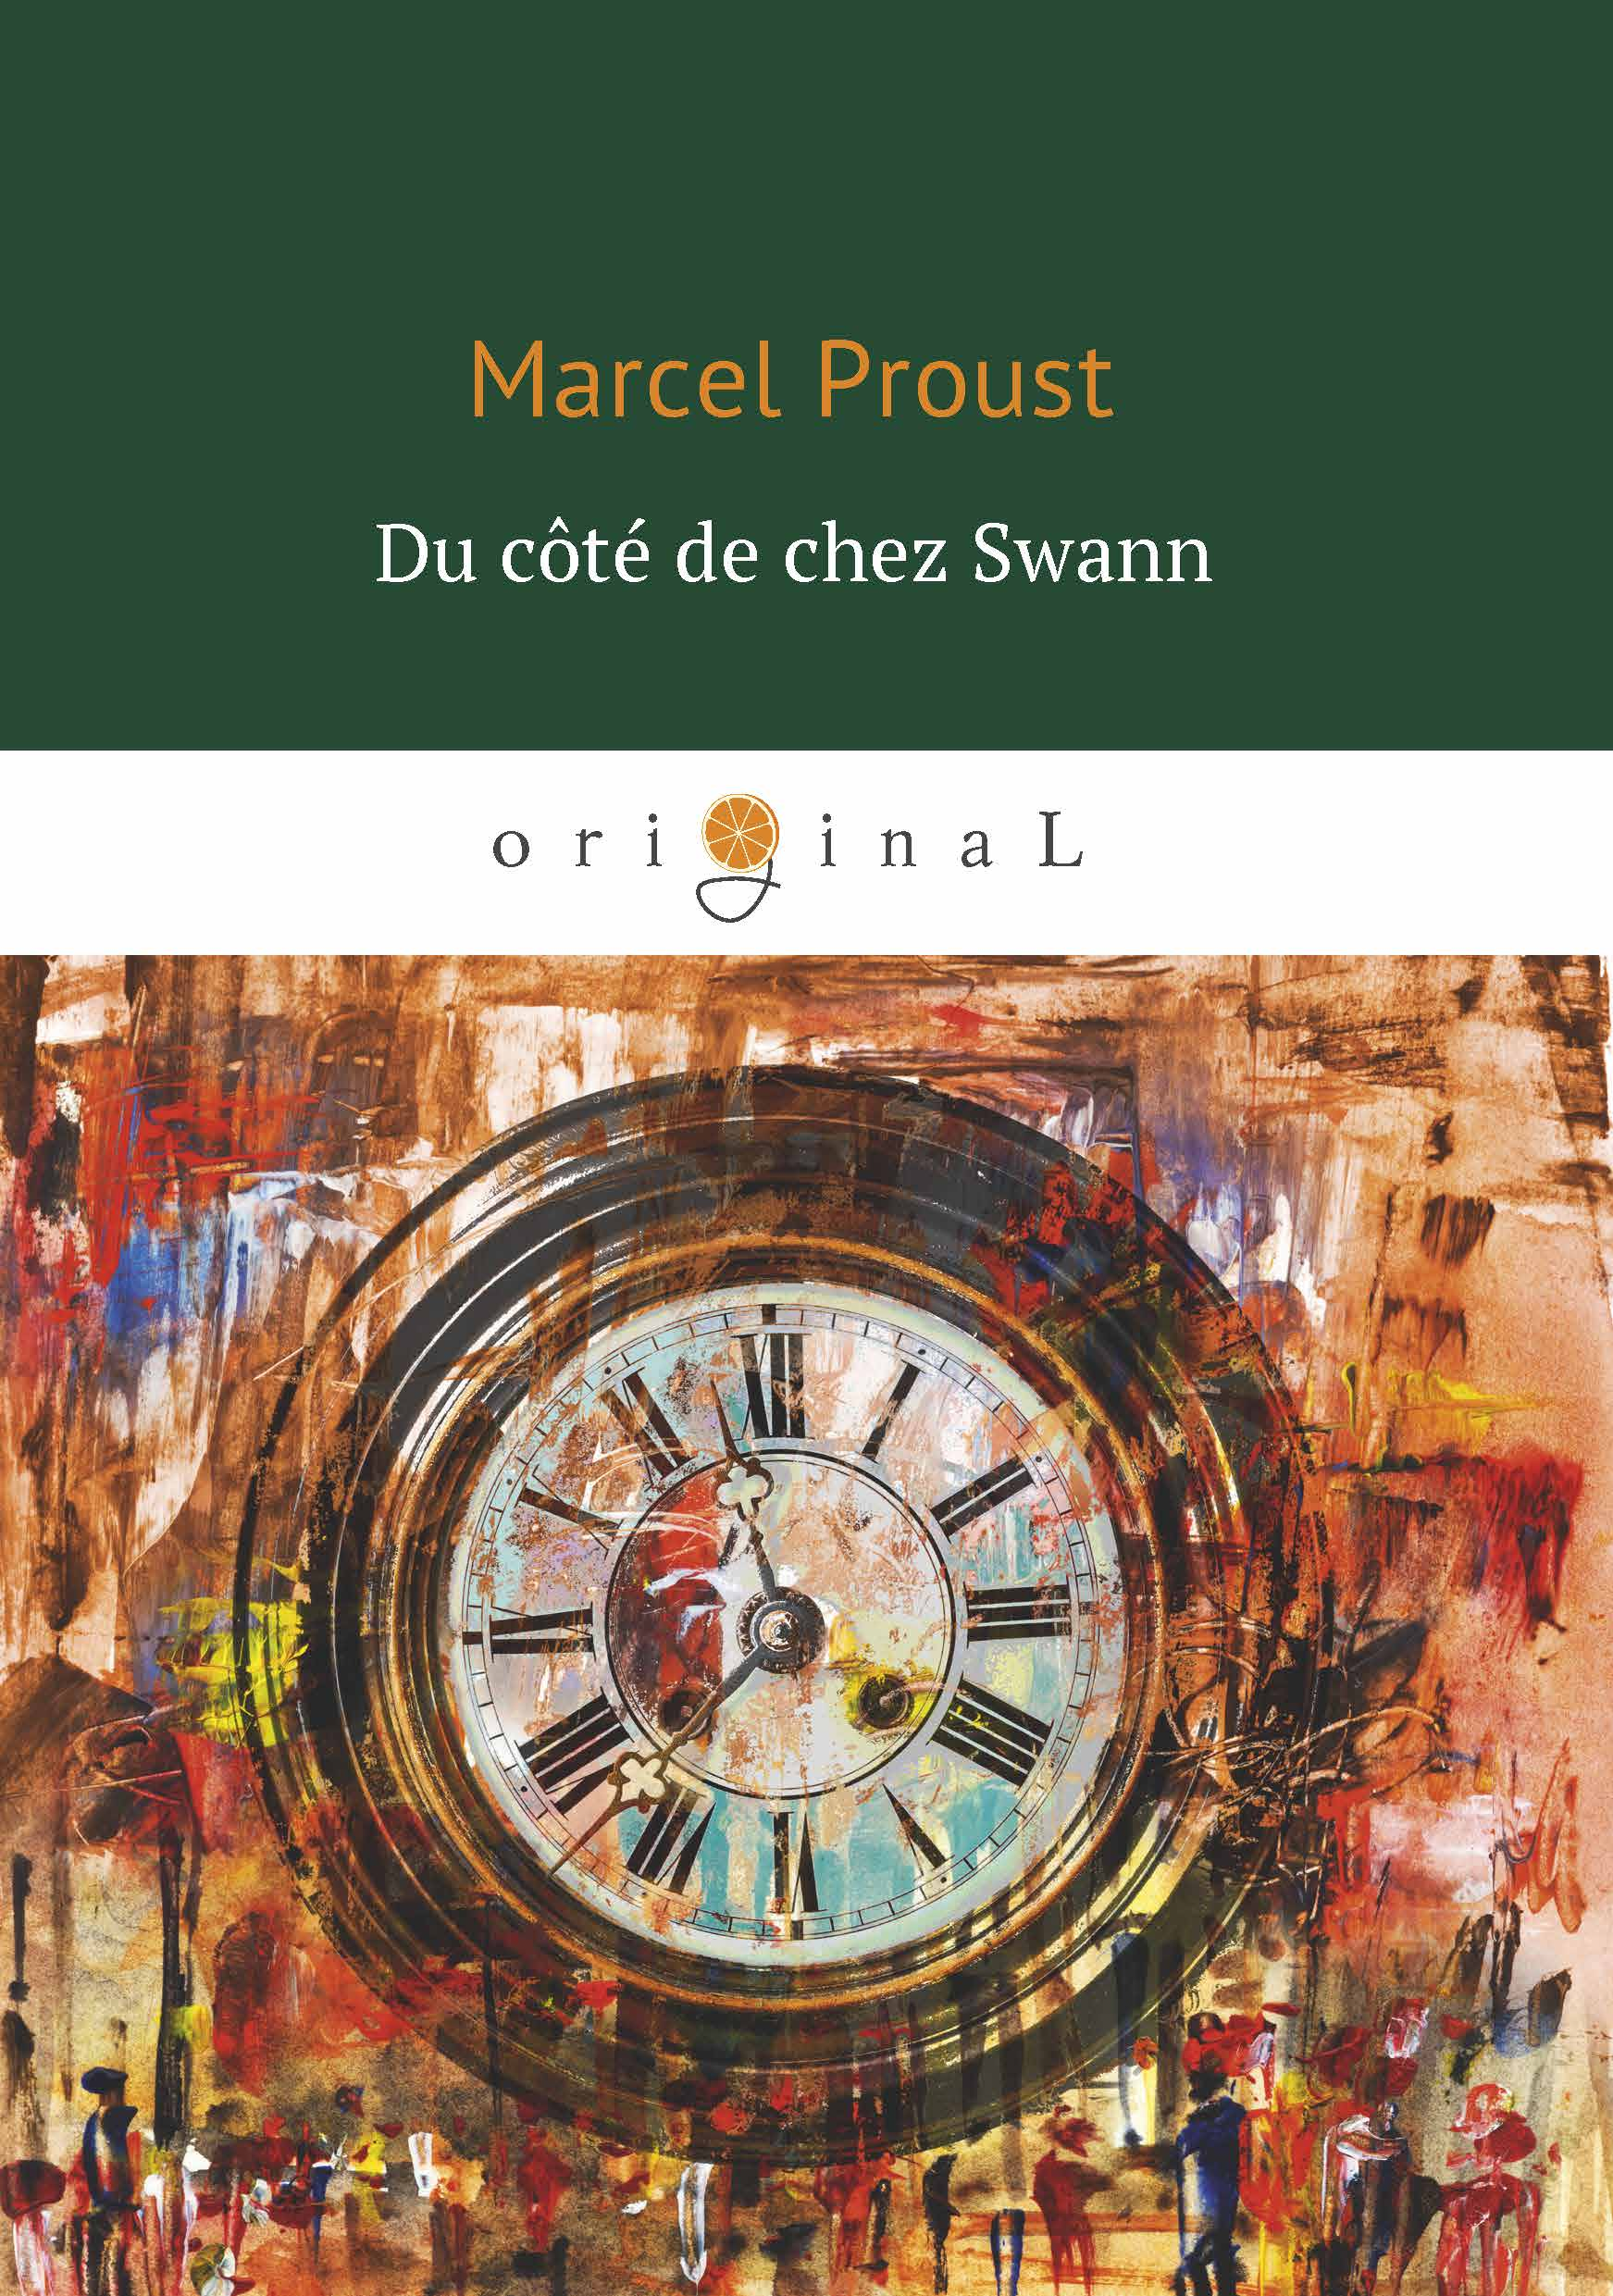 Marcel Proust Du cote de chez Swann marcel proust du cote de chez swann